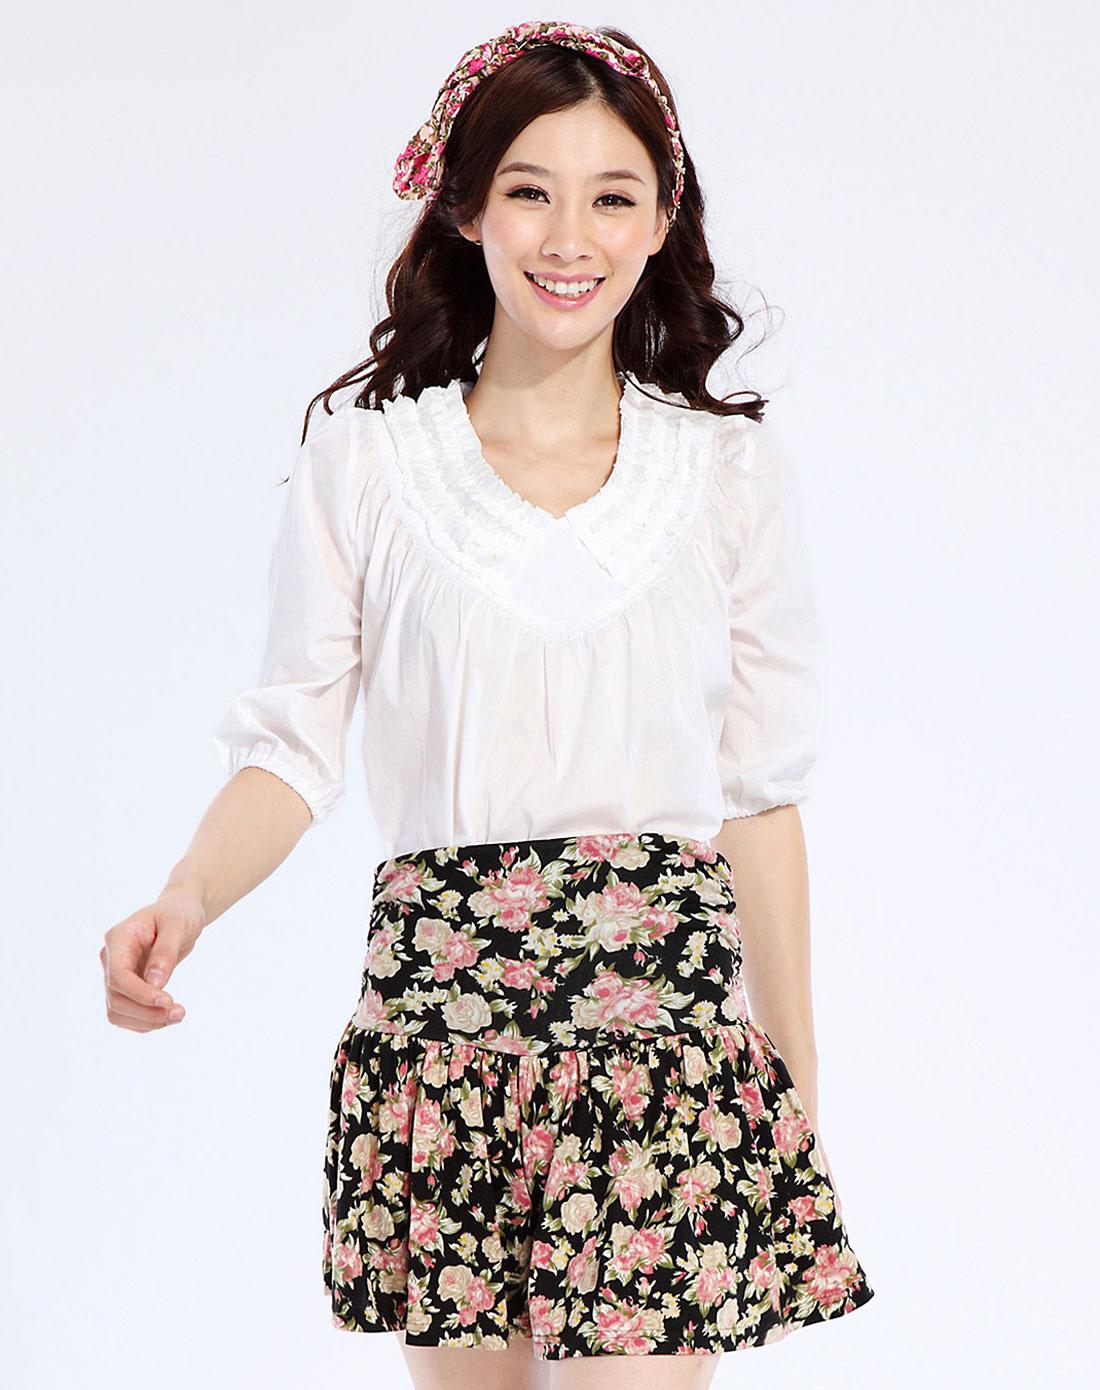 简时尚品justyle_简时尚品justyle女装专场-白色时尚中袖上衣